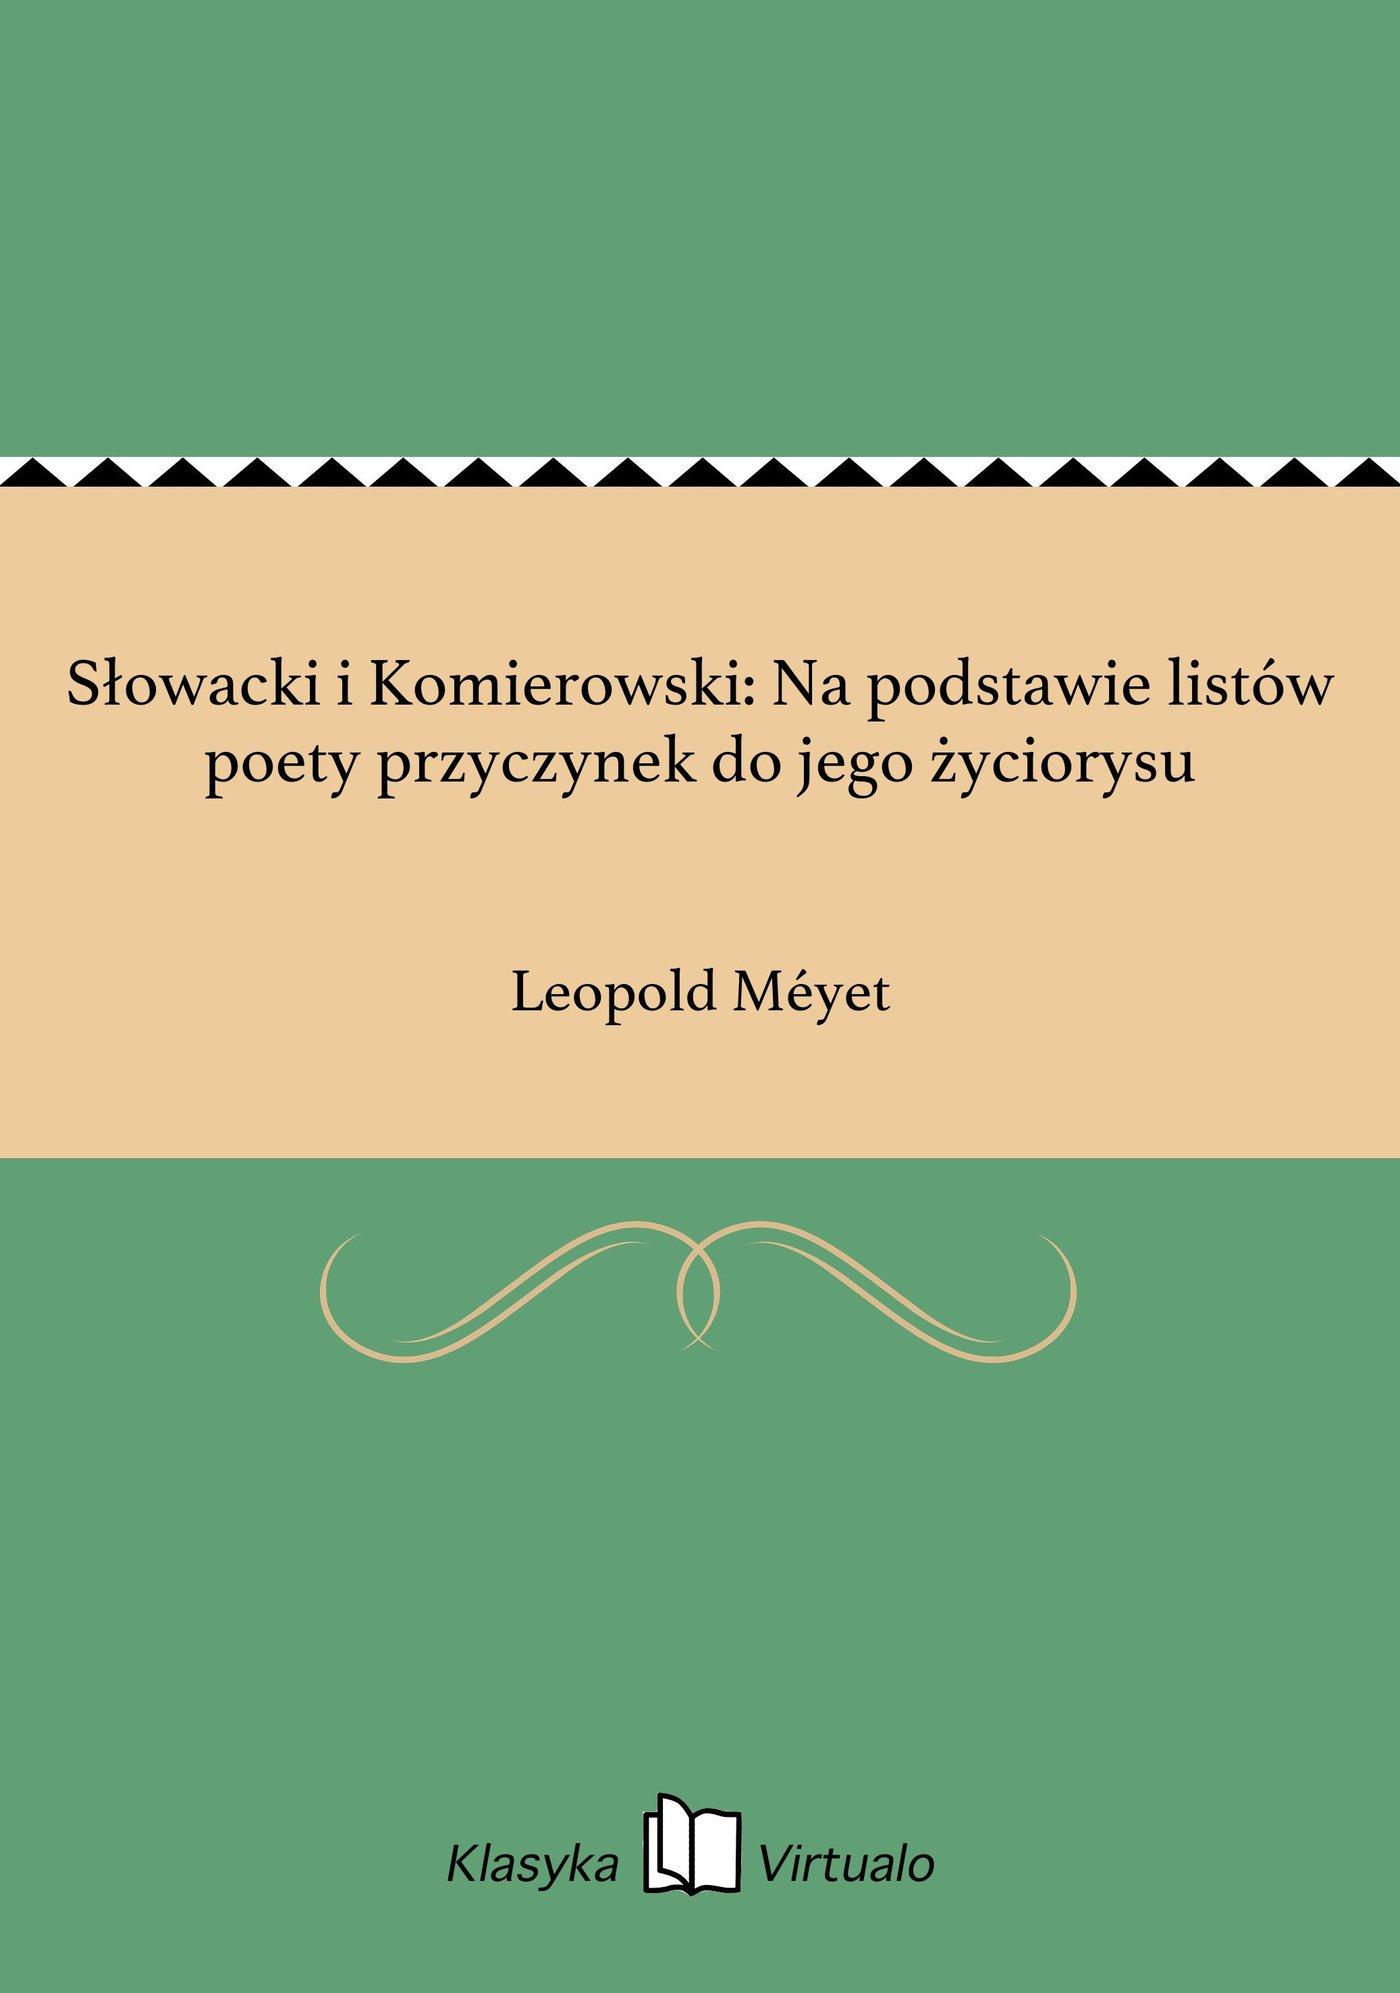 Słowacki i Komierowski: Na podstawie listów poety przyczynek do jego życiorysu - Ebook (Książka EPUB) do pobrania w formacie EPUB